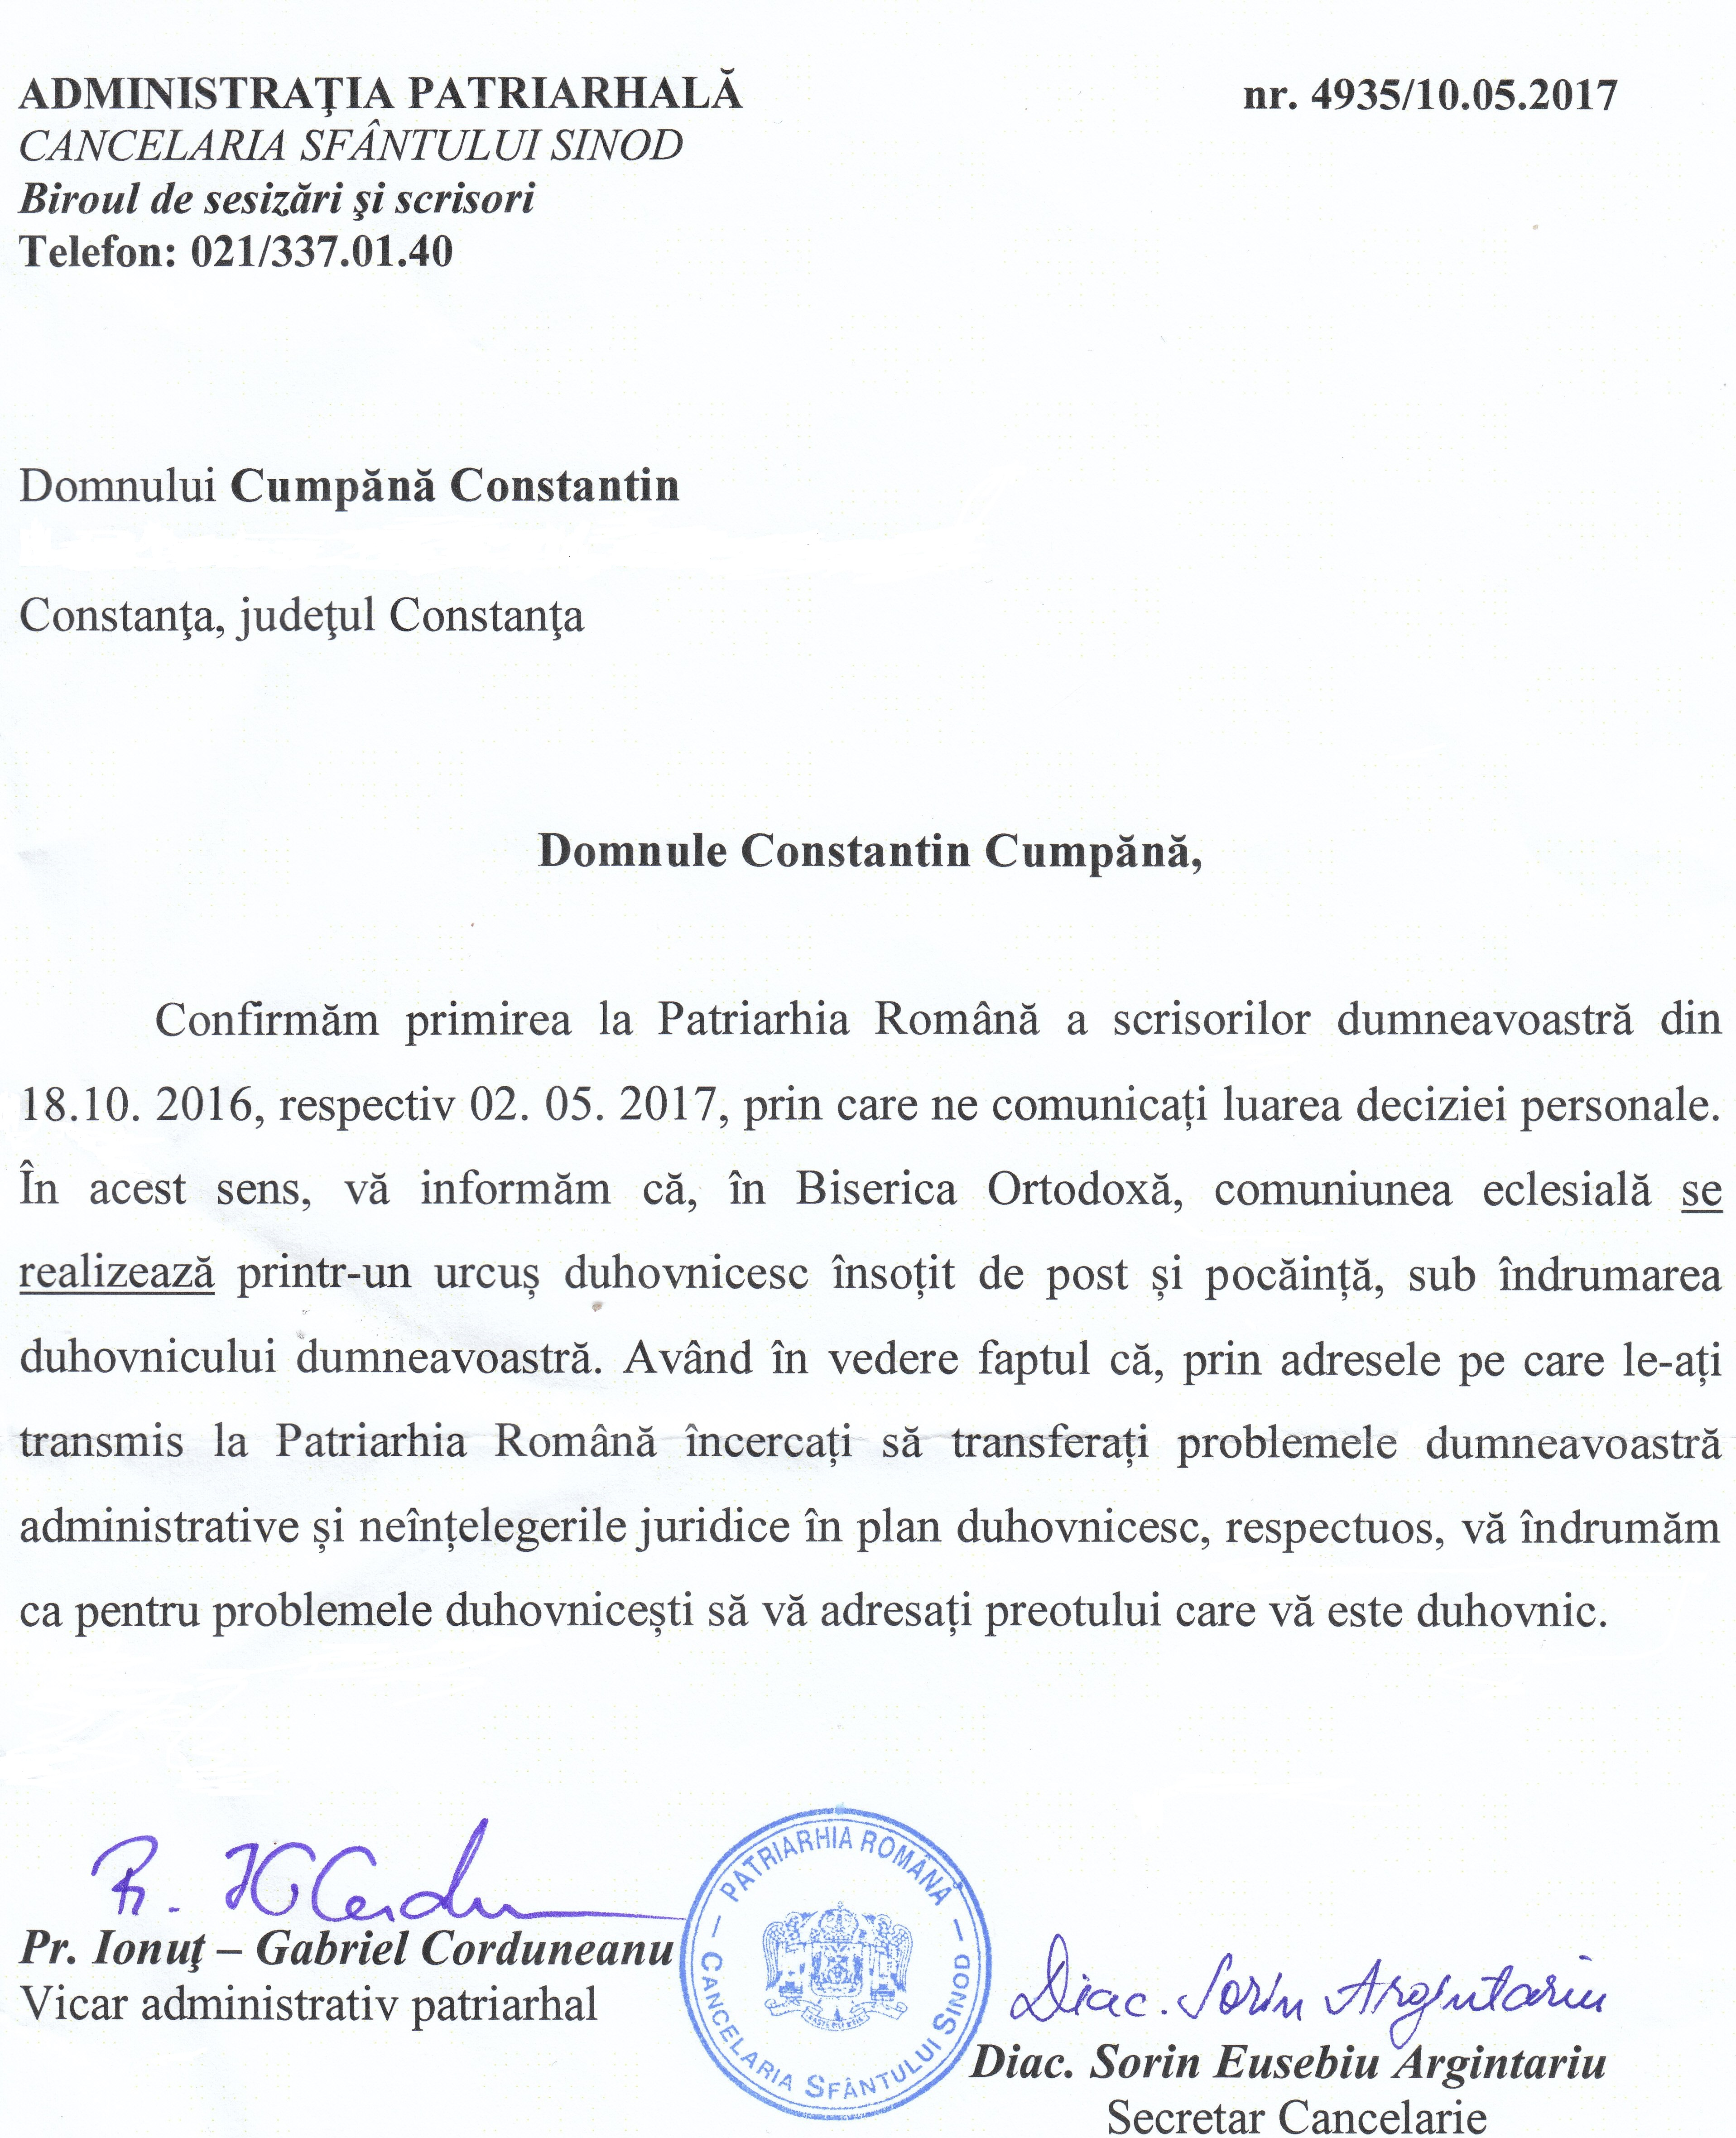 """Adresa nr. 4935/ 10 mai 2017 a Administrației Patriarhale, o mostră de """"comuniune eclesială"""" între Biserica Ortodoxă și credincioși."""